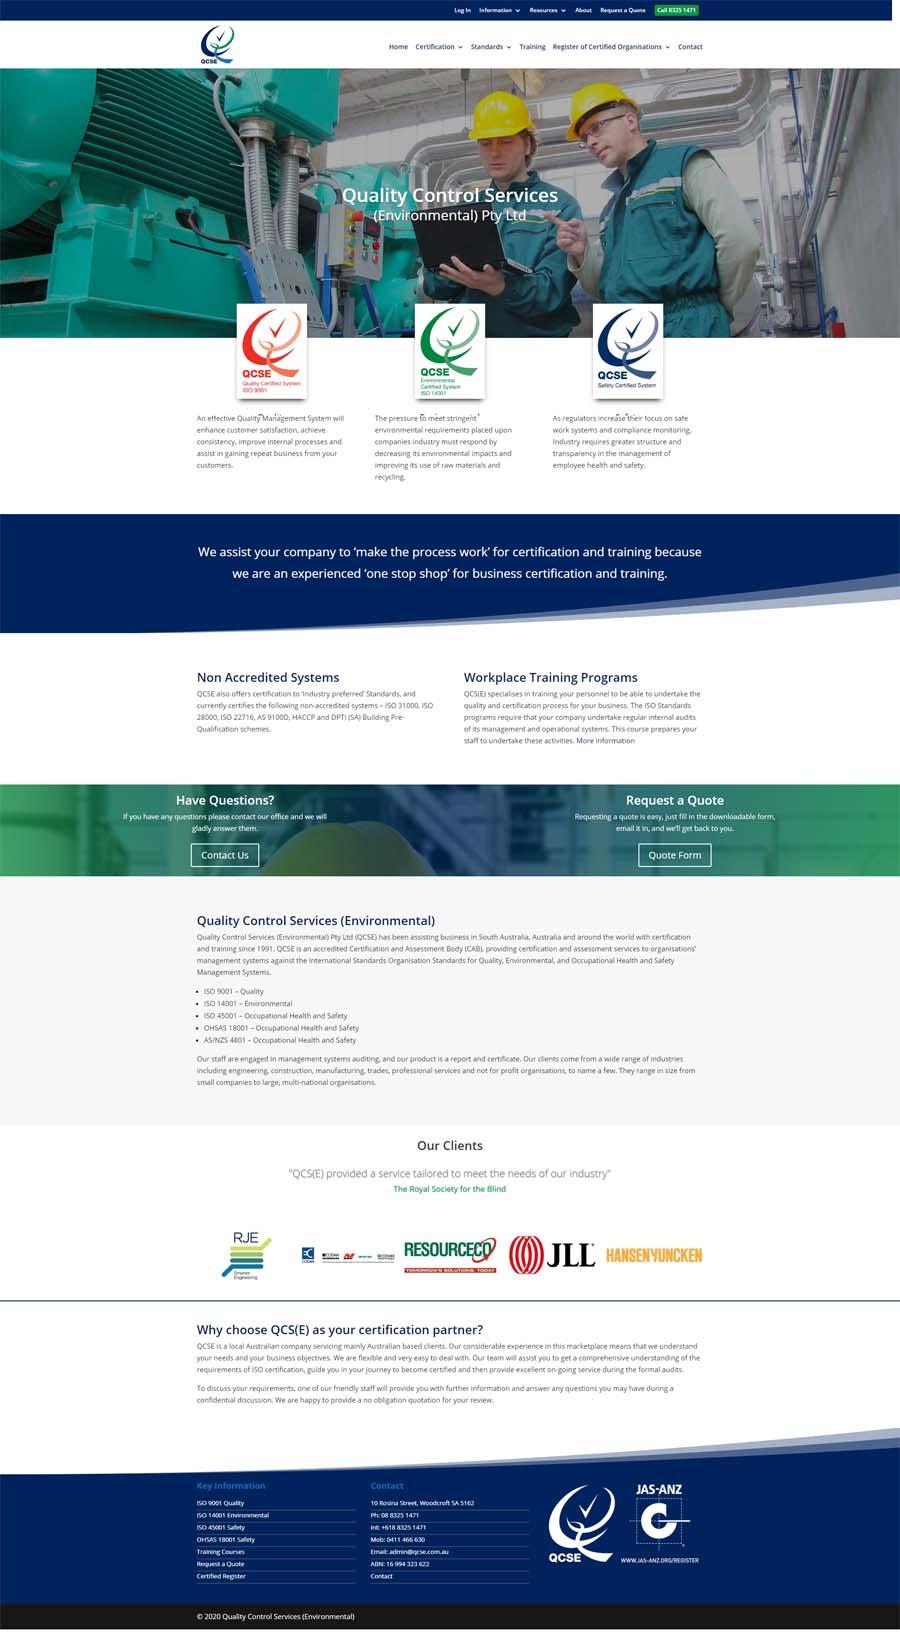 Website Design Adelaide - Quality Control